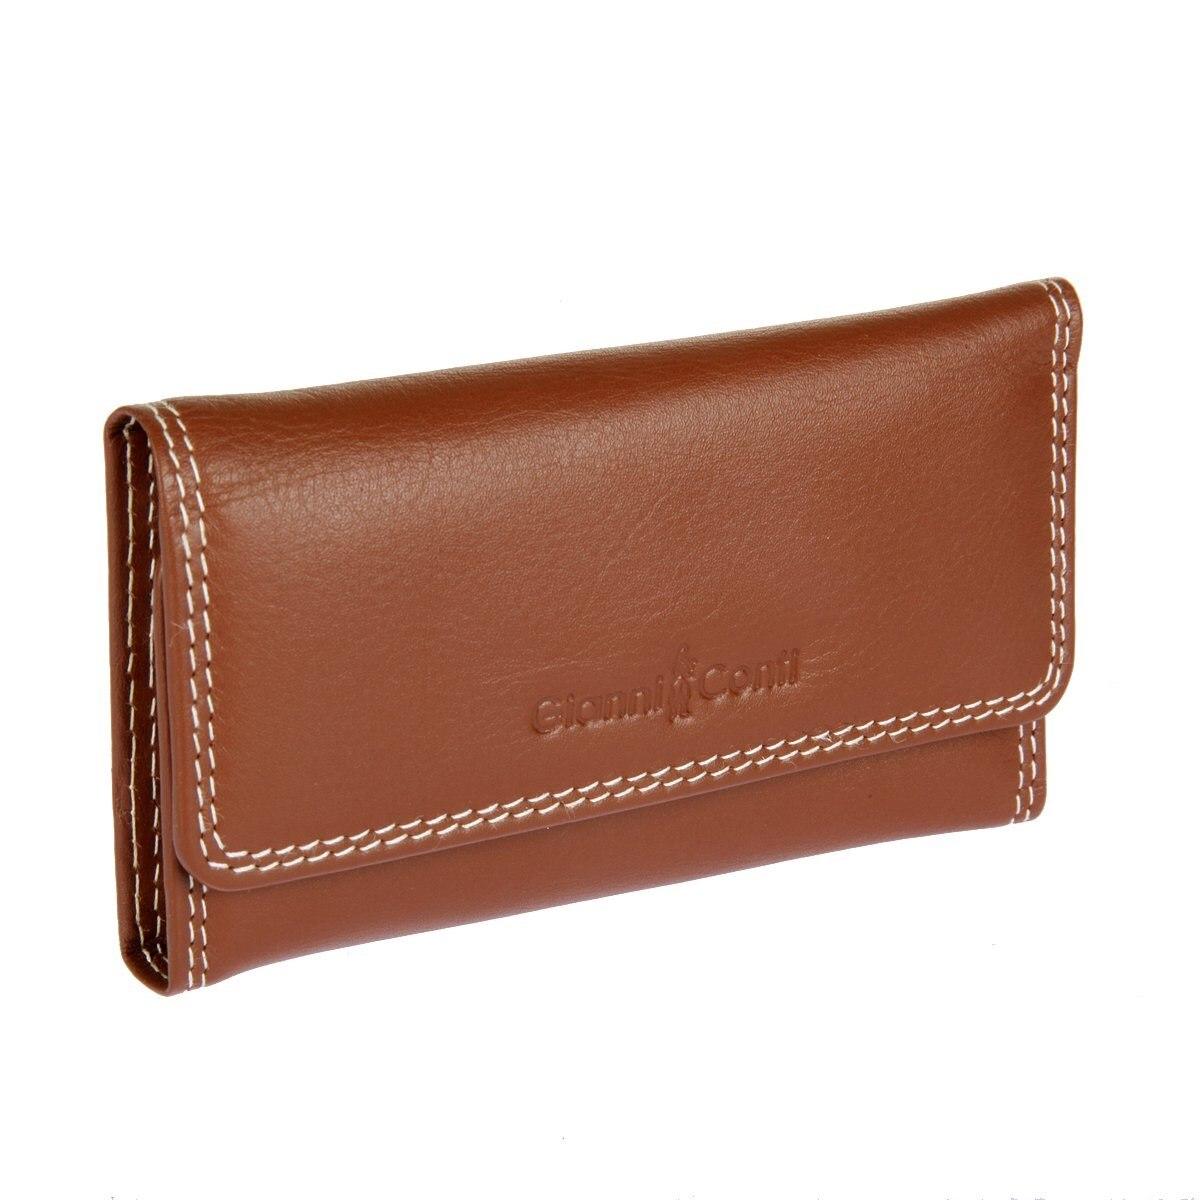 Housekeeper Gianni Conti 1809069 tan multi кожаные сумки gianni conti 912150 tan